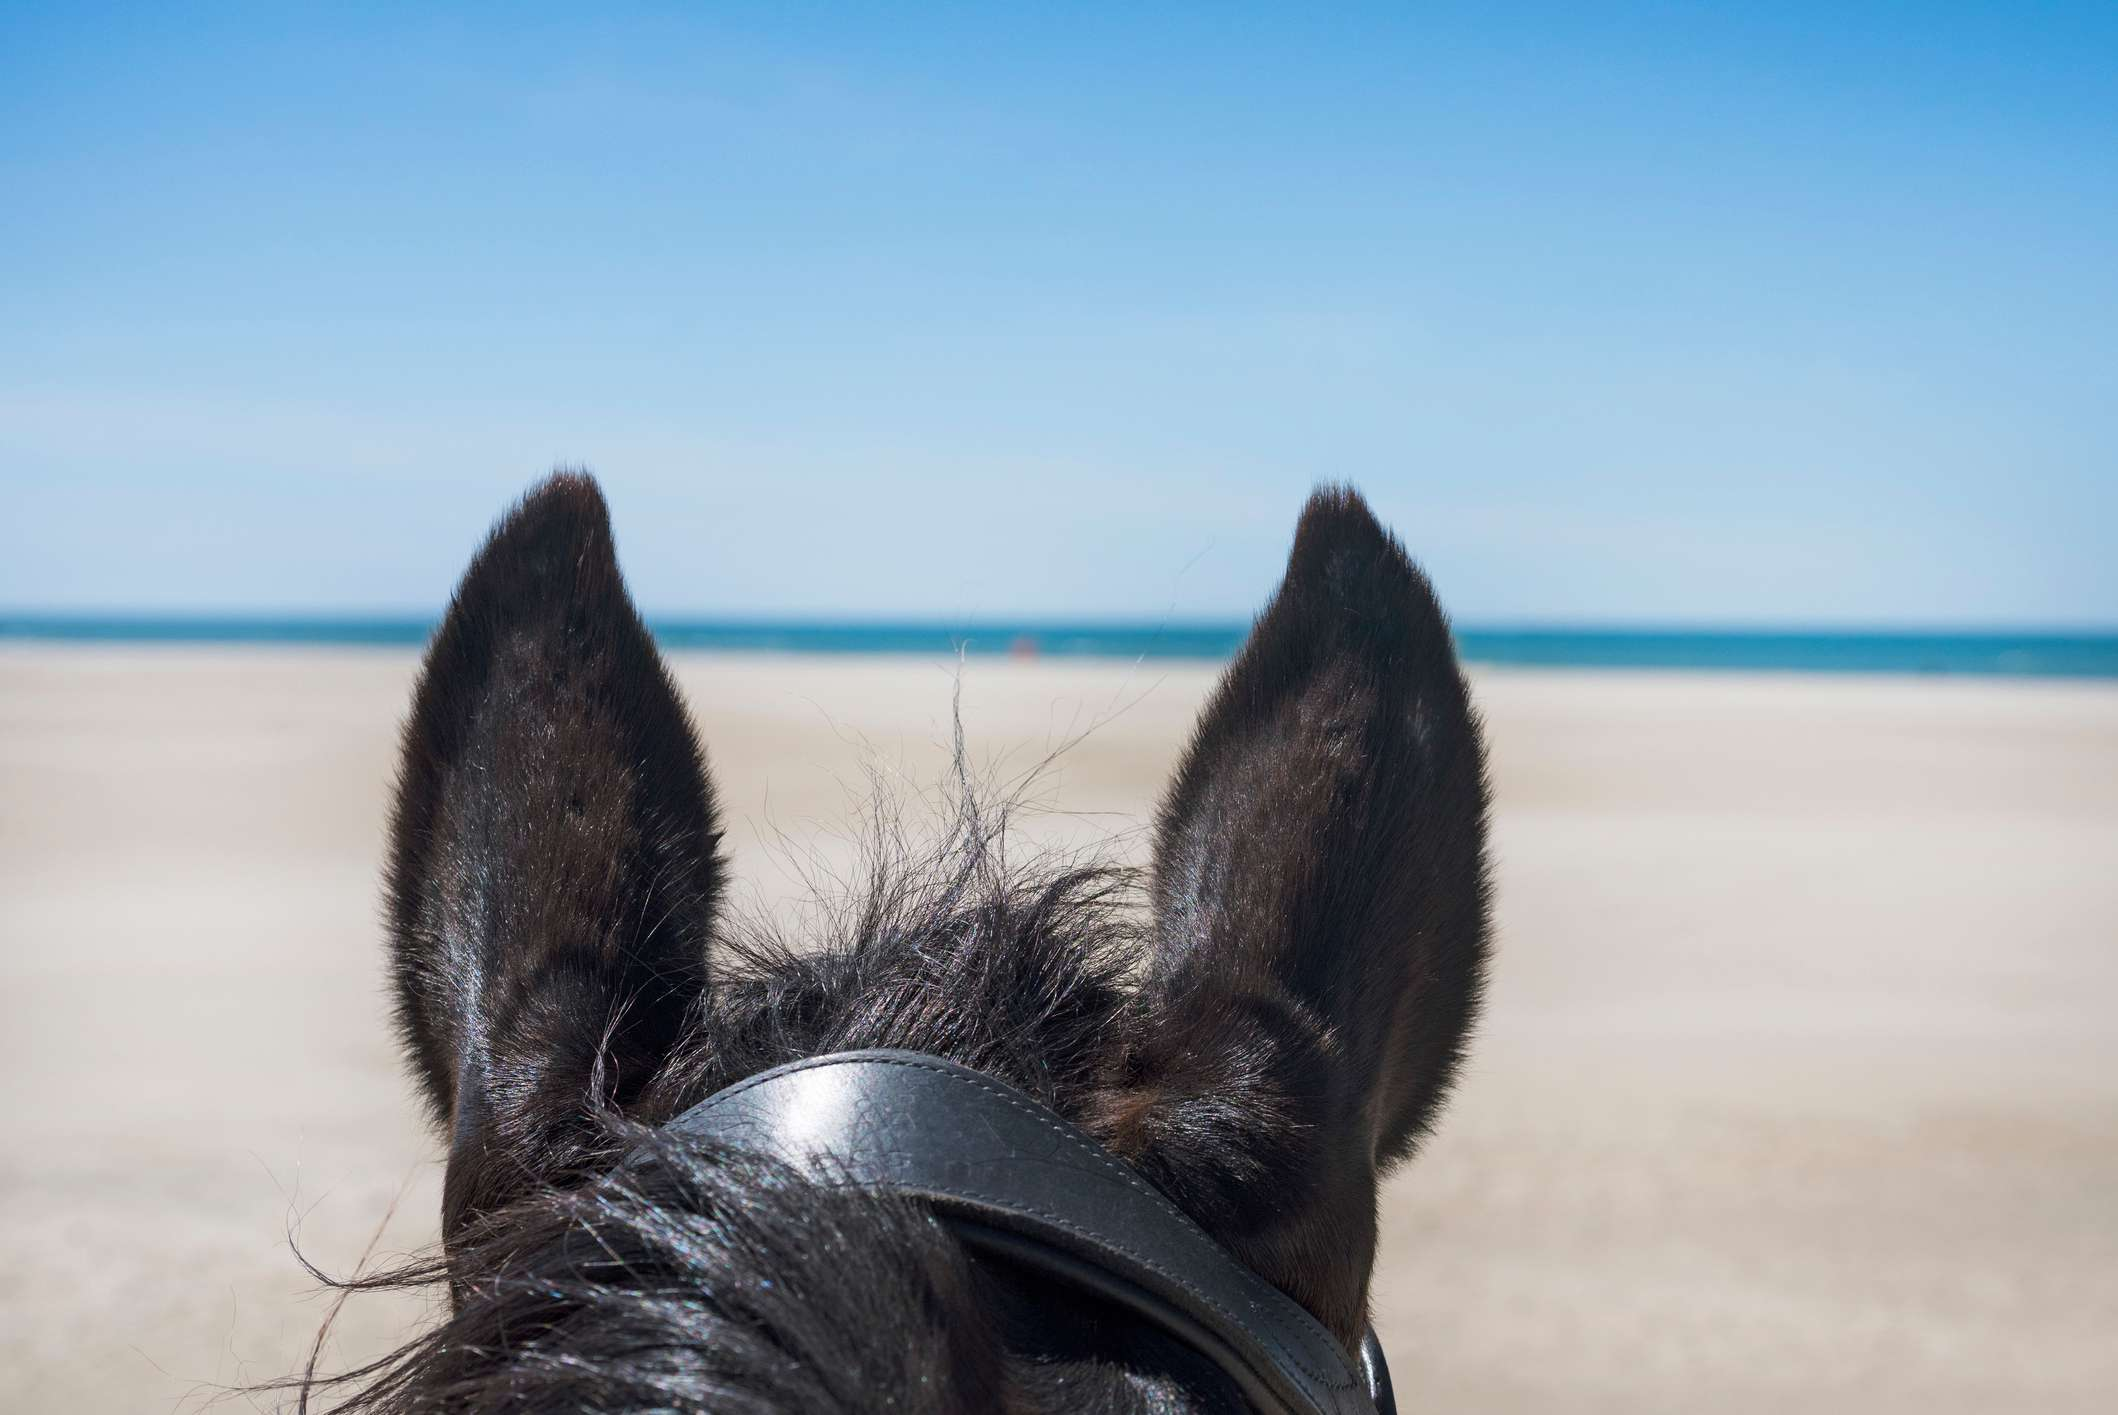 A horse's ears